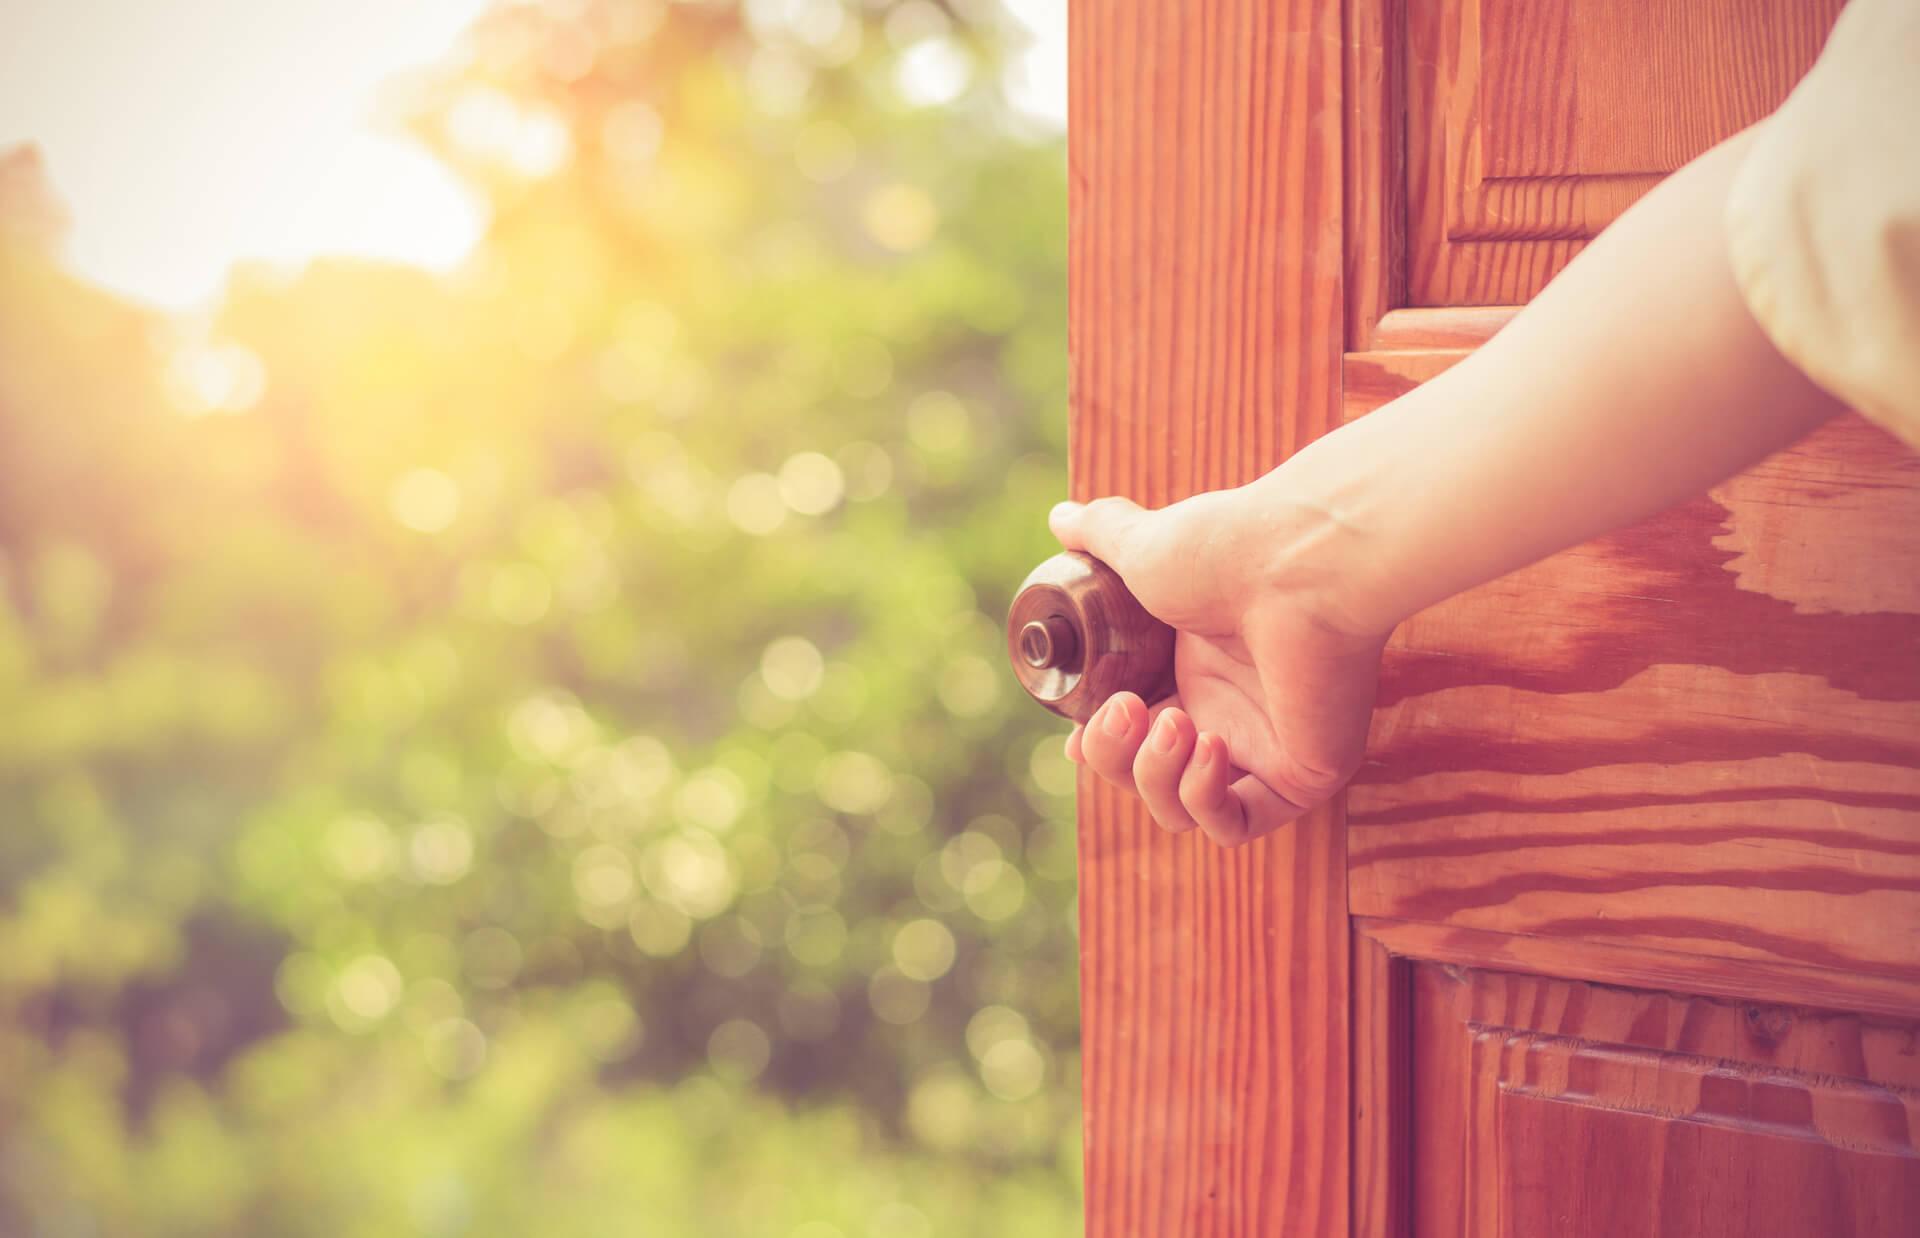 Den Anfang schreiben: Frauenhand öffnet eine Tür, hinter der sich ein Garten zeigt